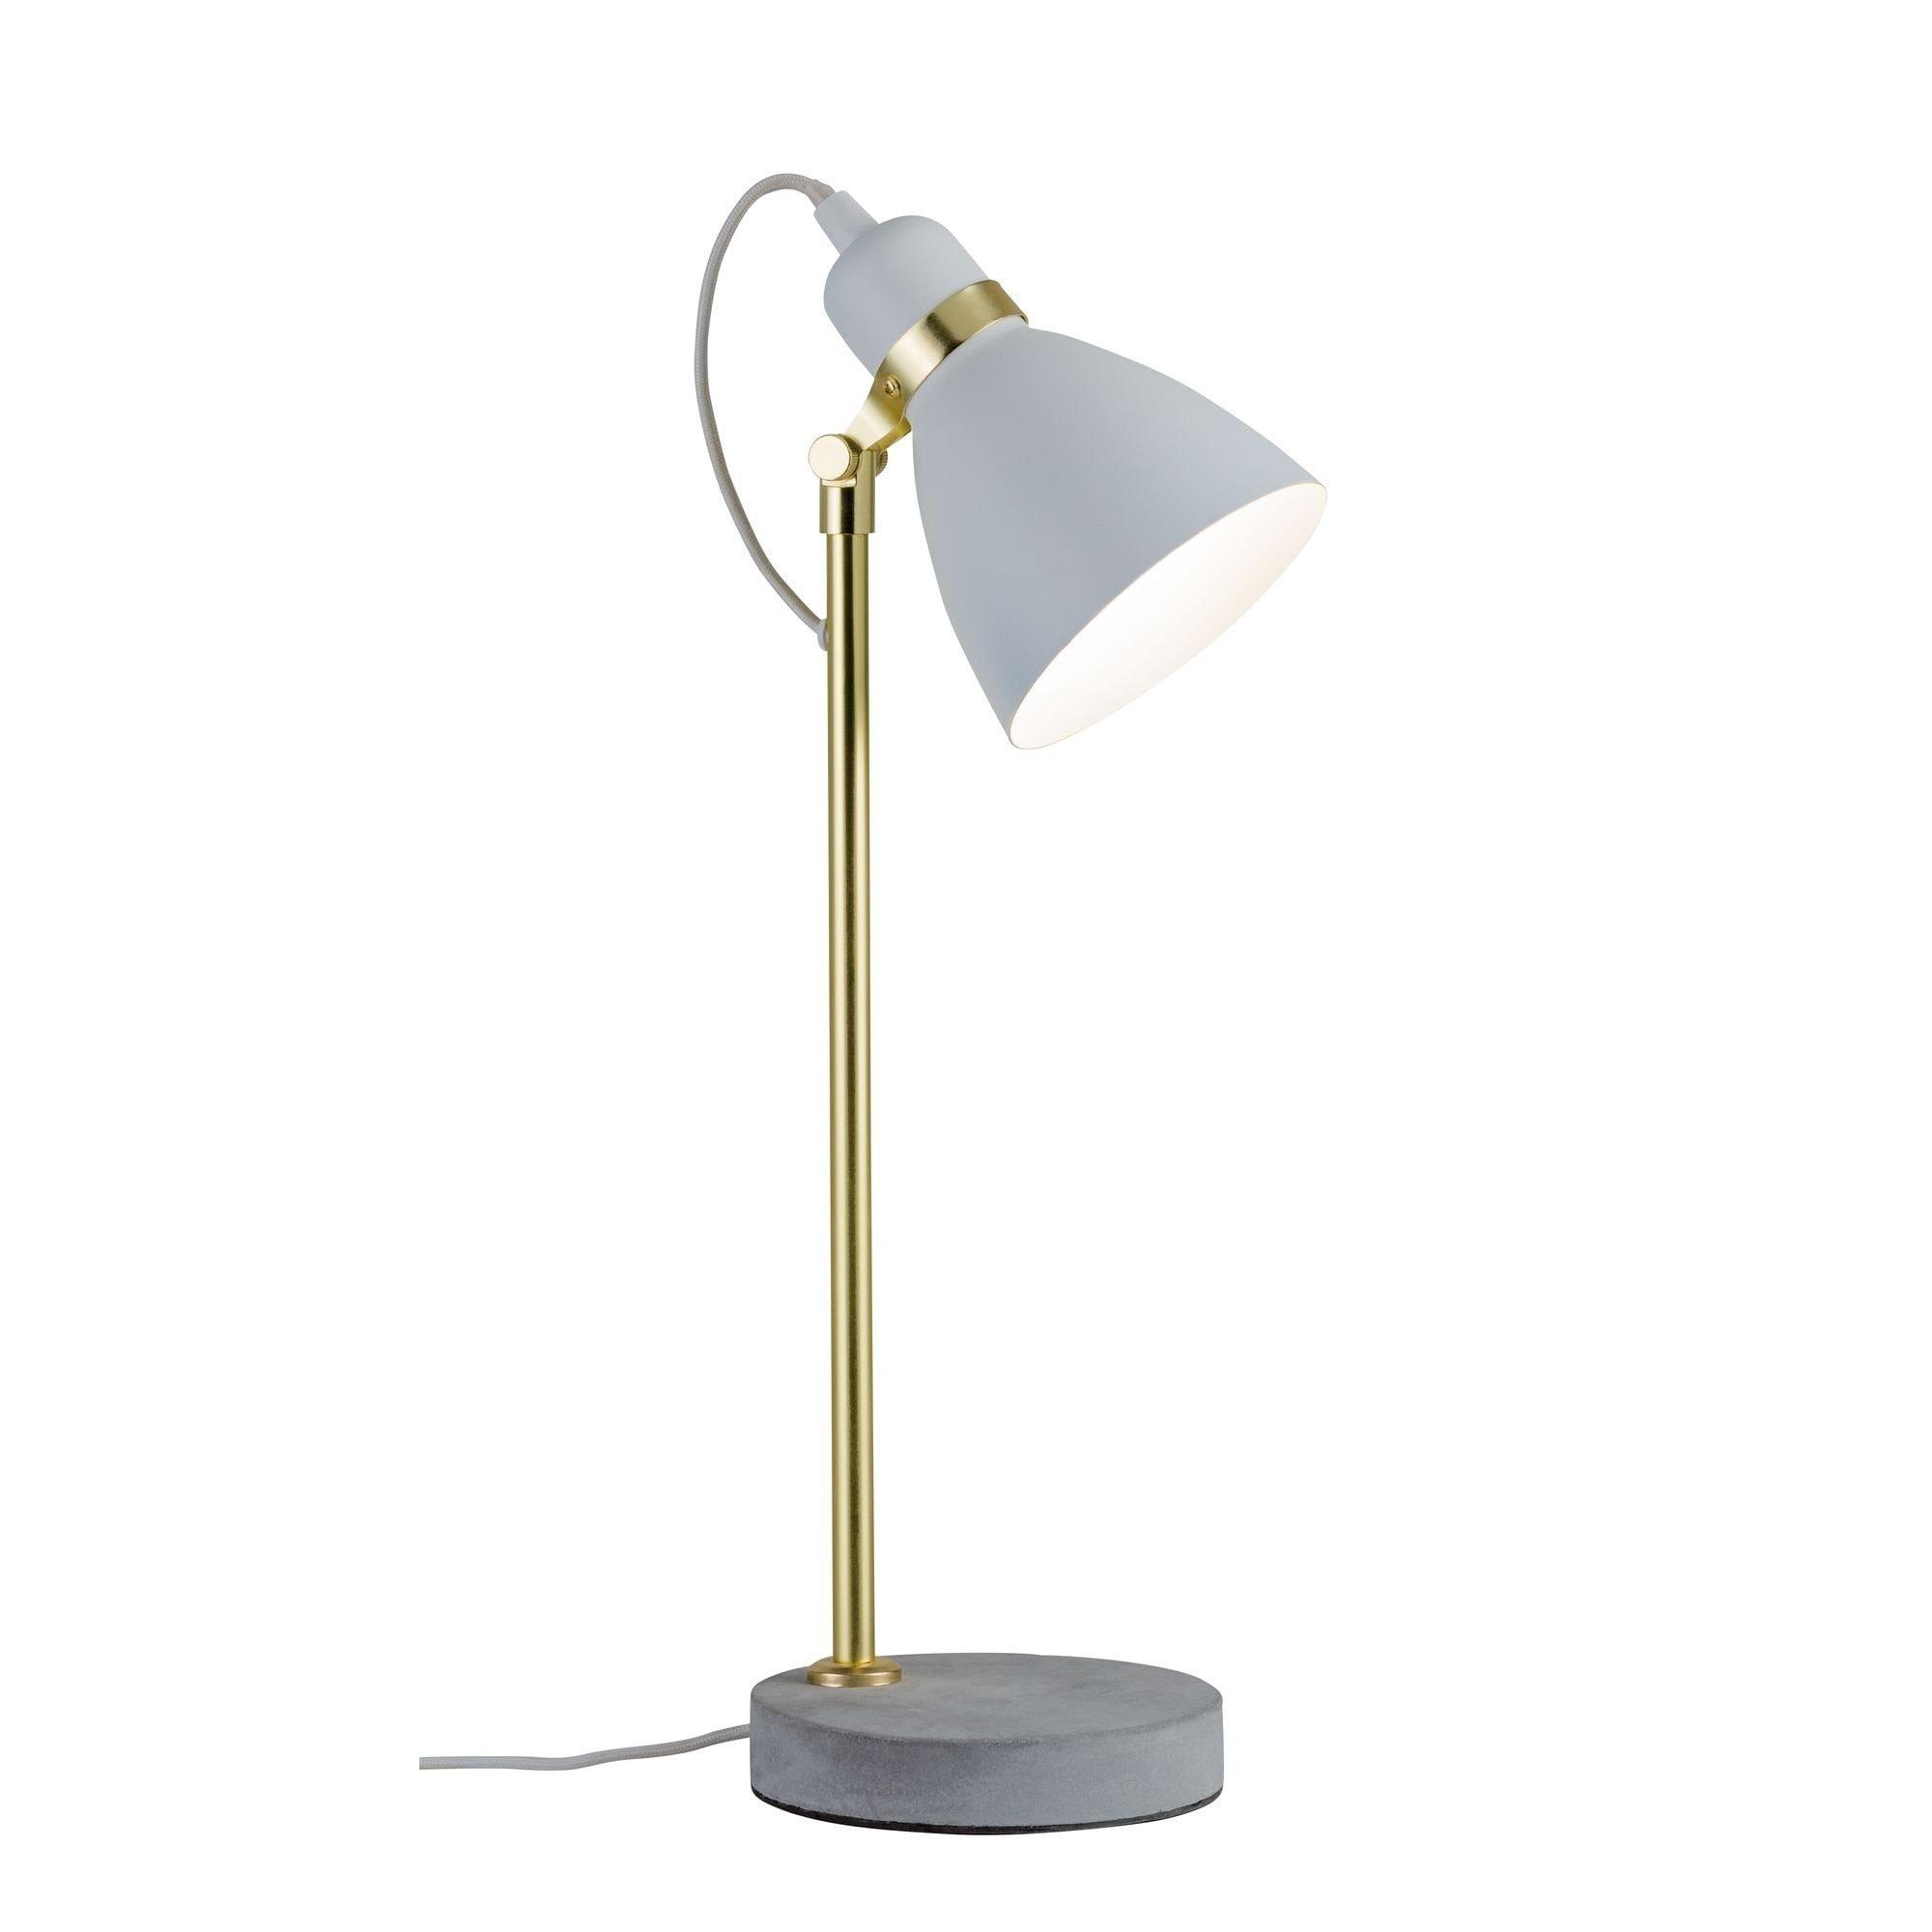 Paulmann,LED Tischleuchte Neordic Orm Beton/Weiß/Gold